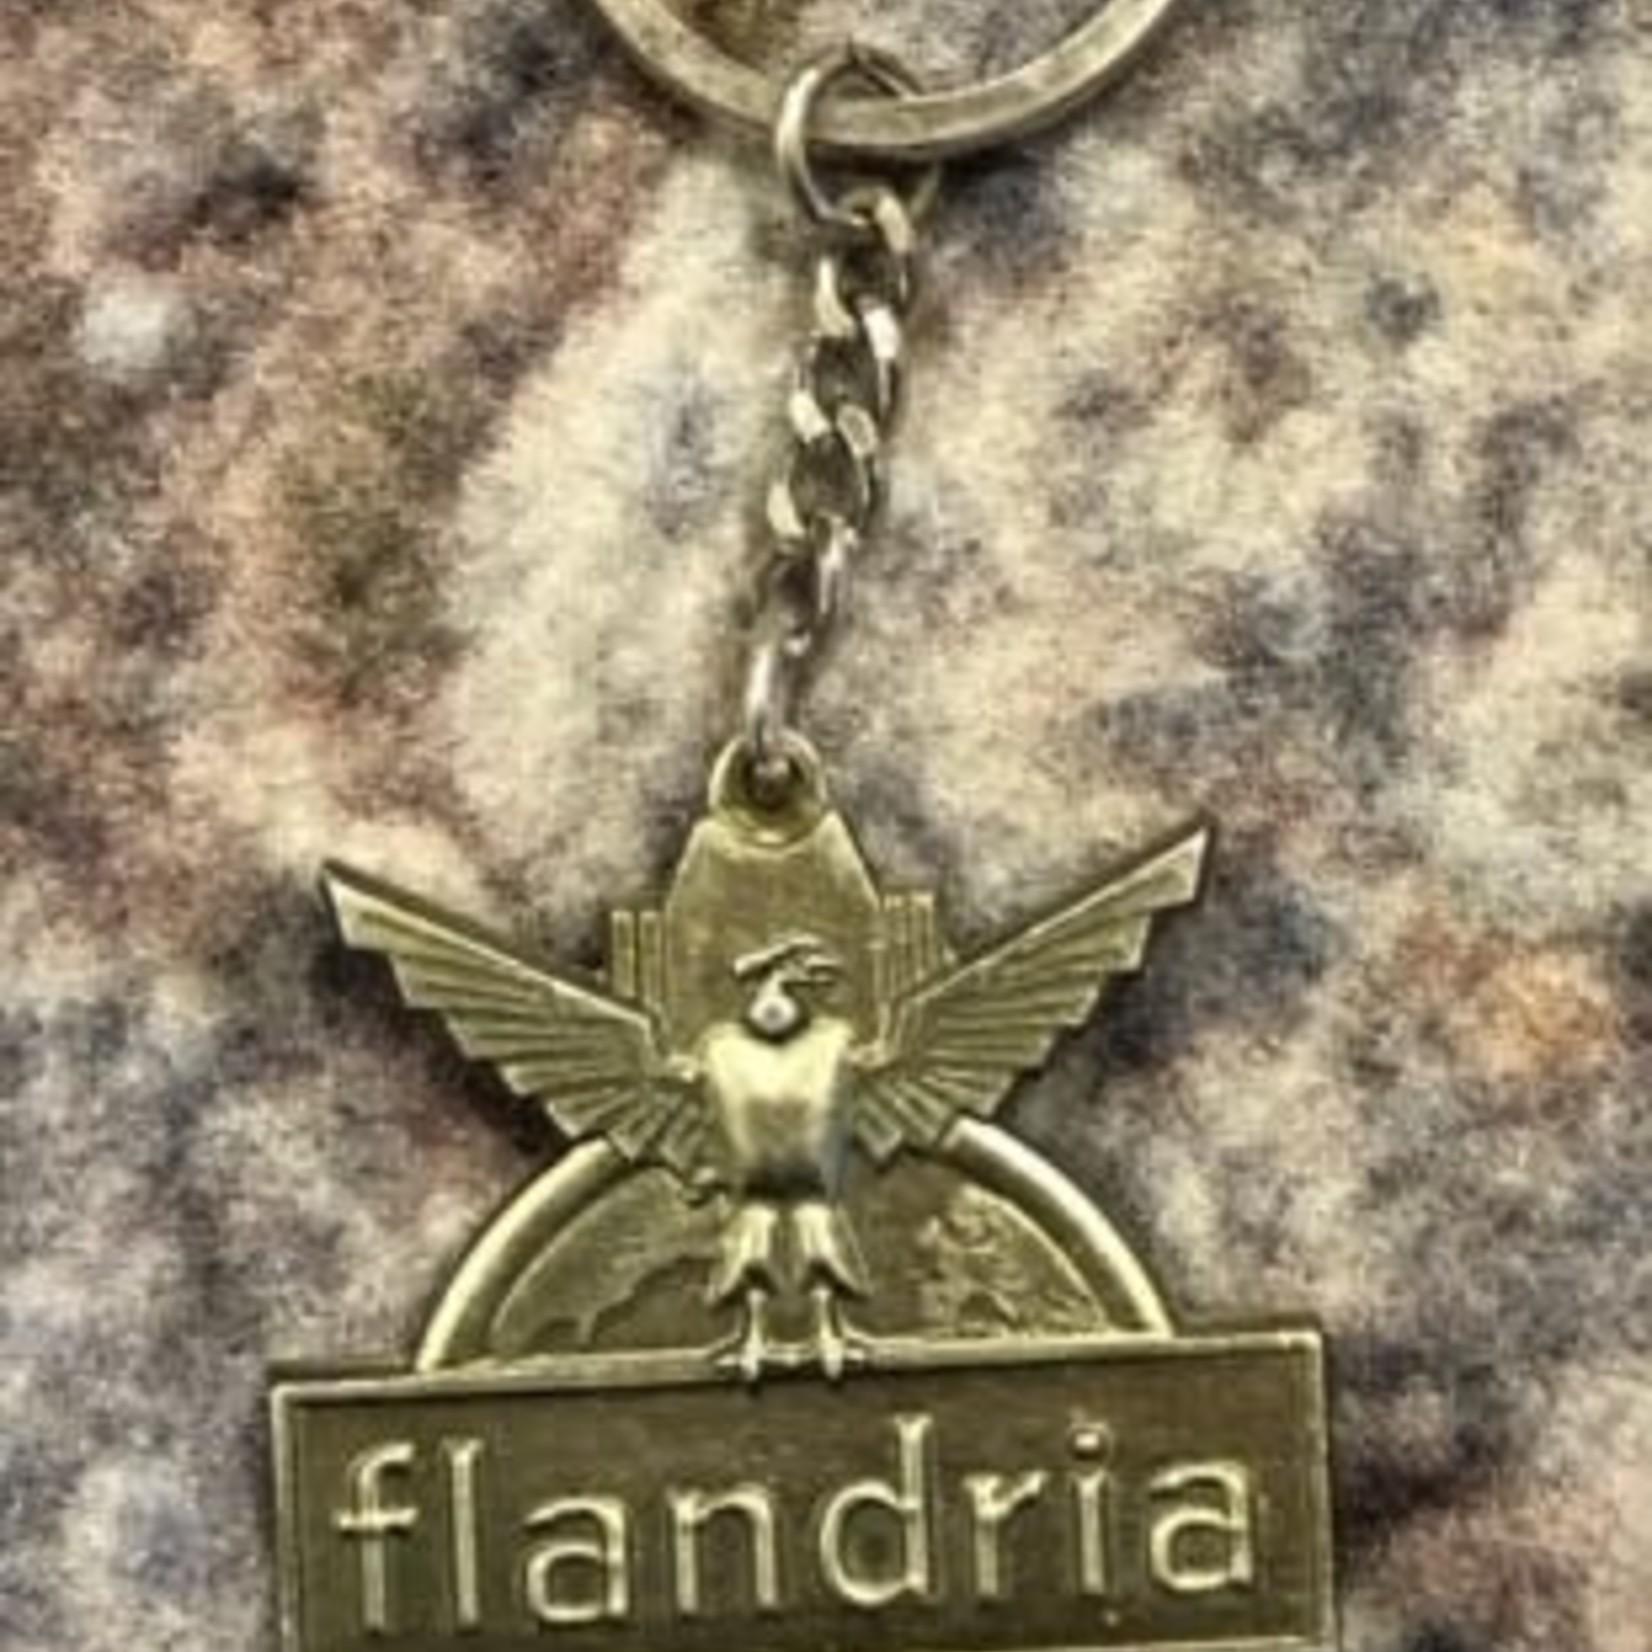 Flandria keychain